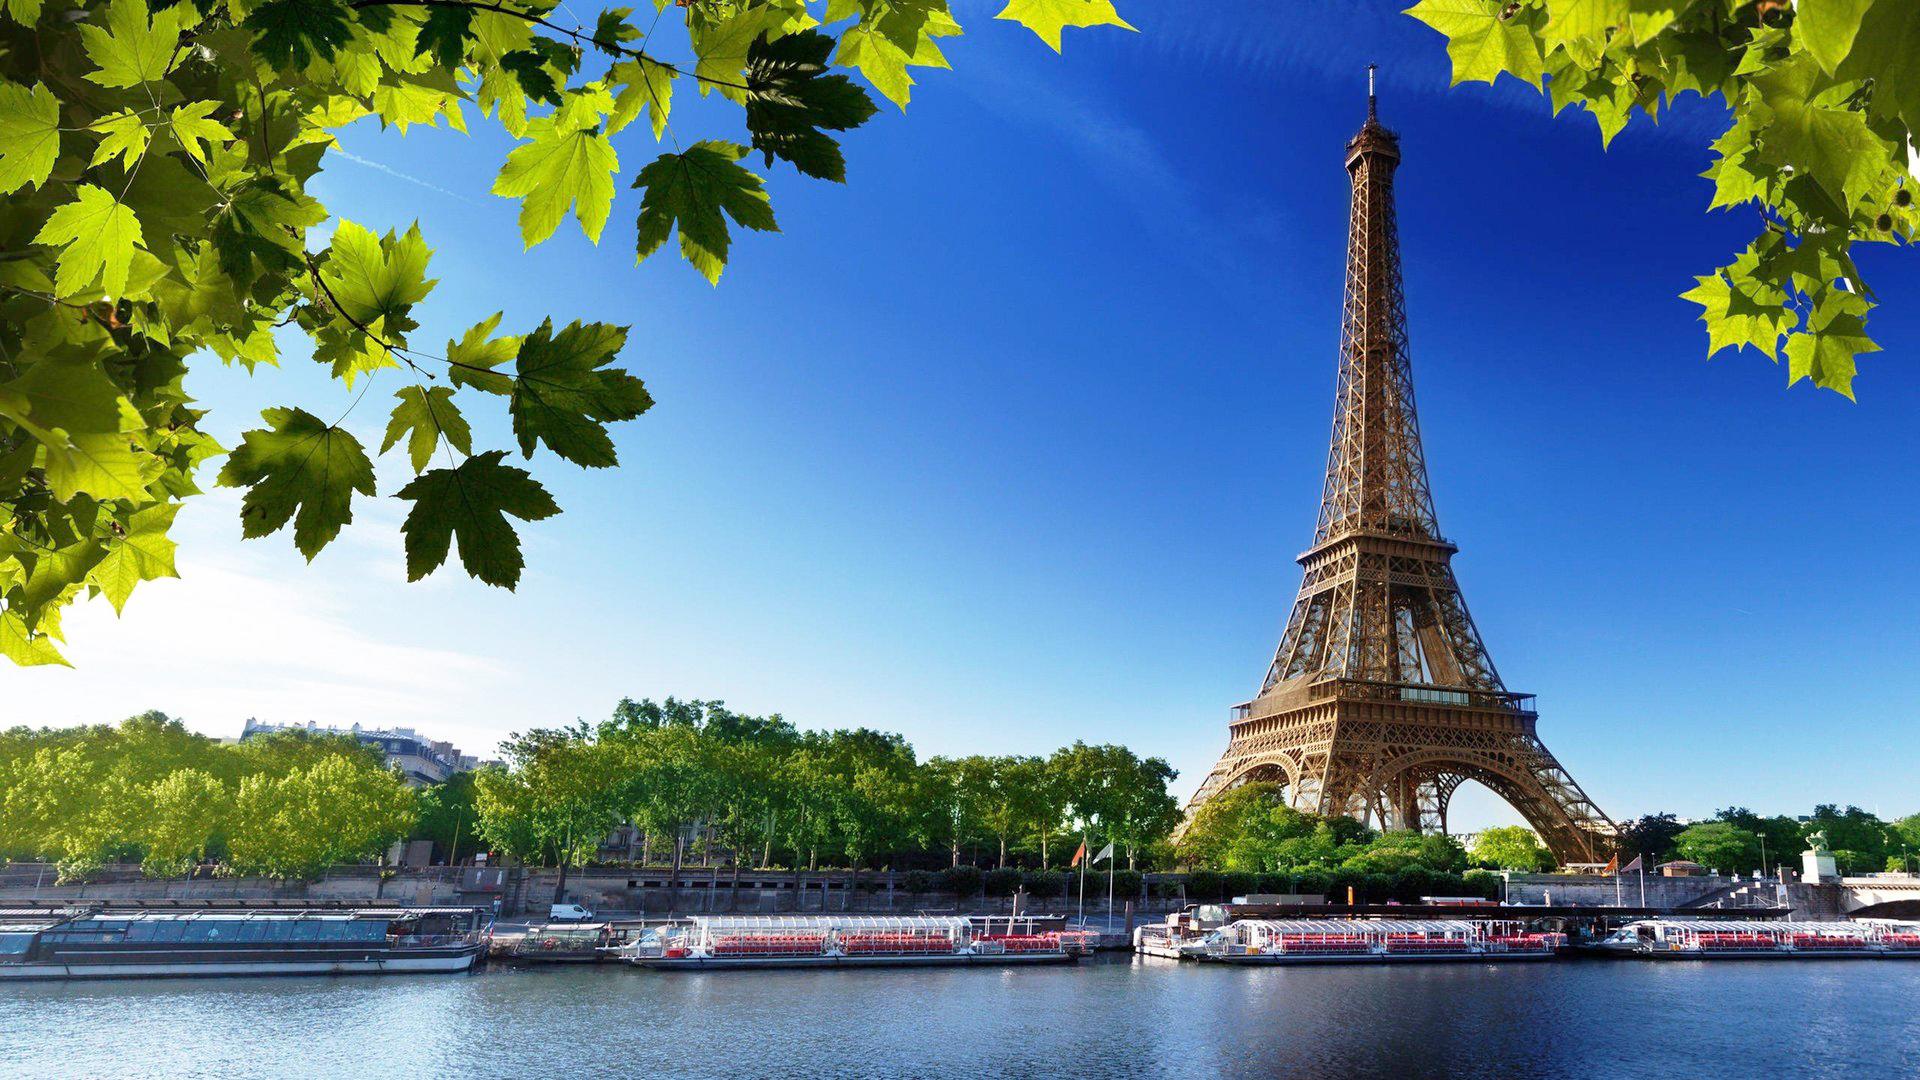 Torre Eiffel vista do rio Sena. Fundo virtual gratuito para Zoom, Microsoft Teams, Skype, Google Meet e WebEx ou qualquer outra aplicação compatível.